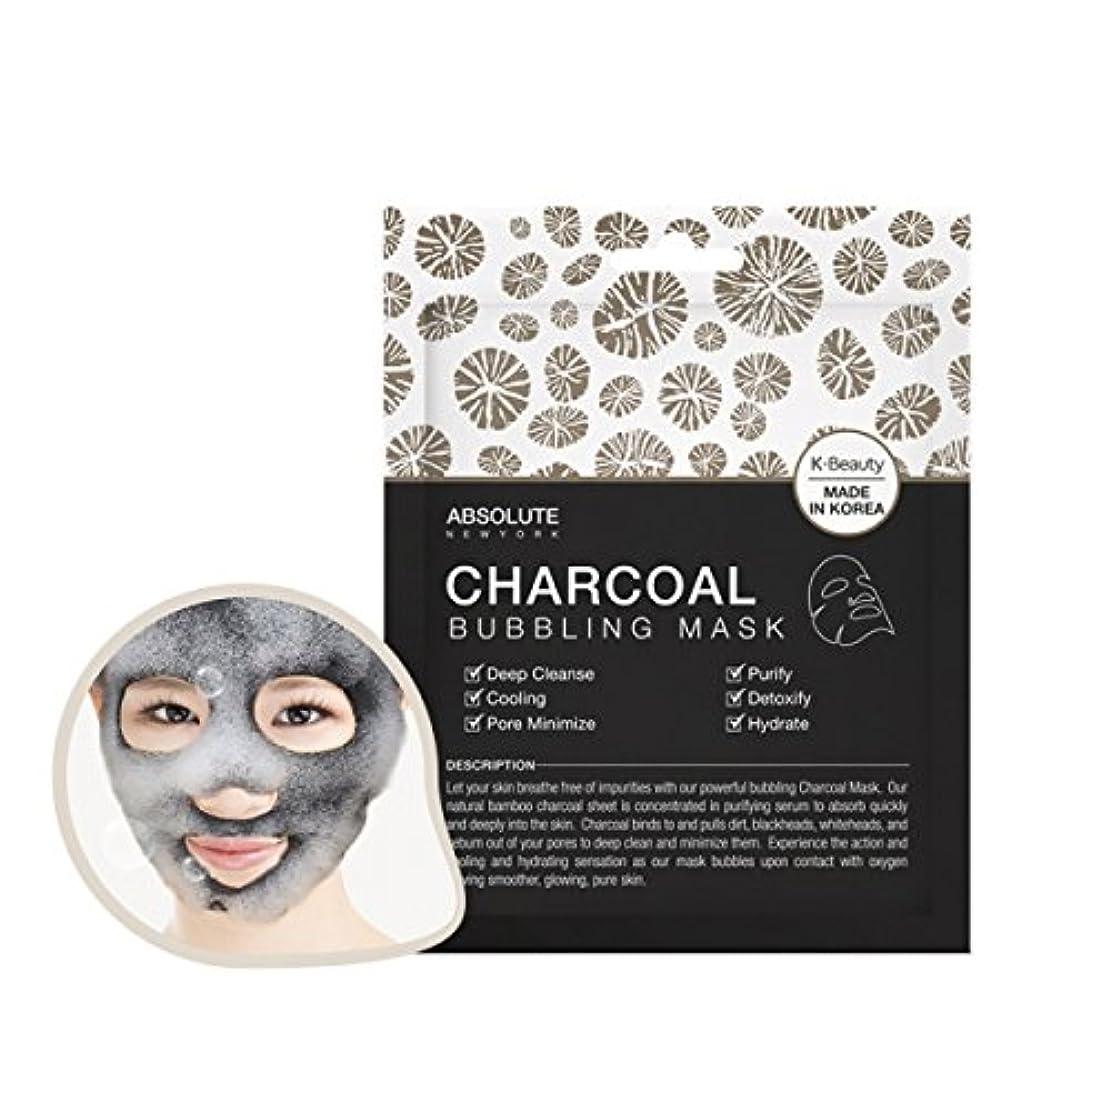 ダーリンの配列に同意するABSOLUTE Charcoal Bubbling Mask (並行輸入品)